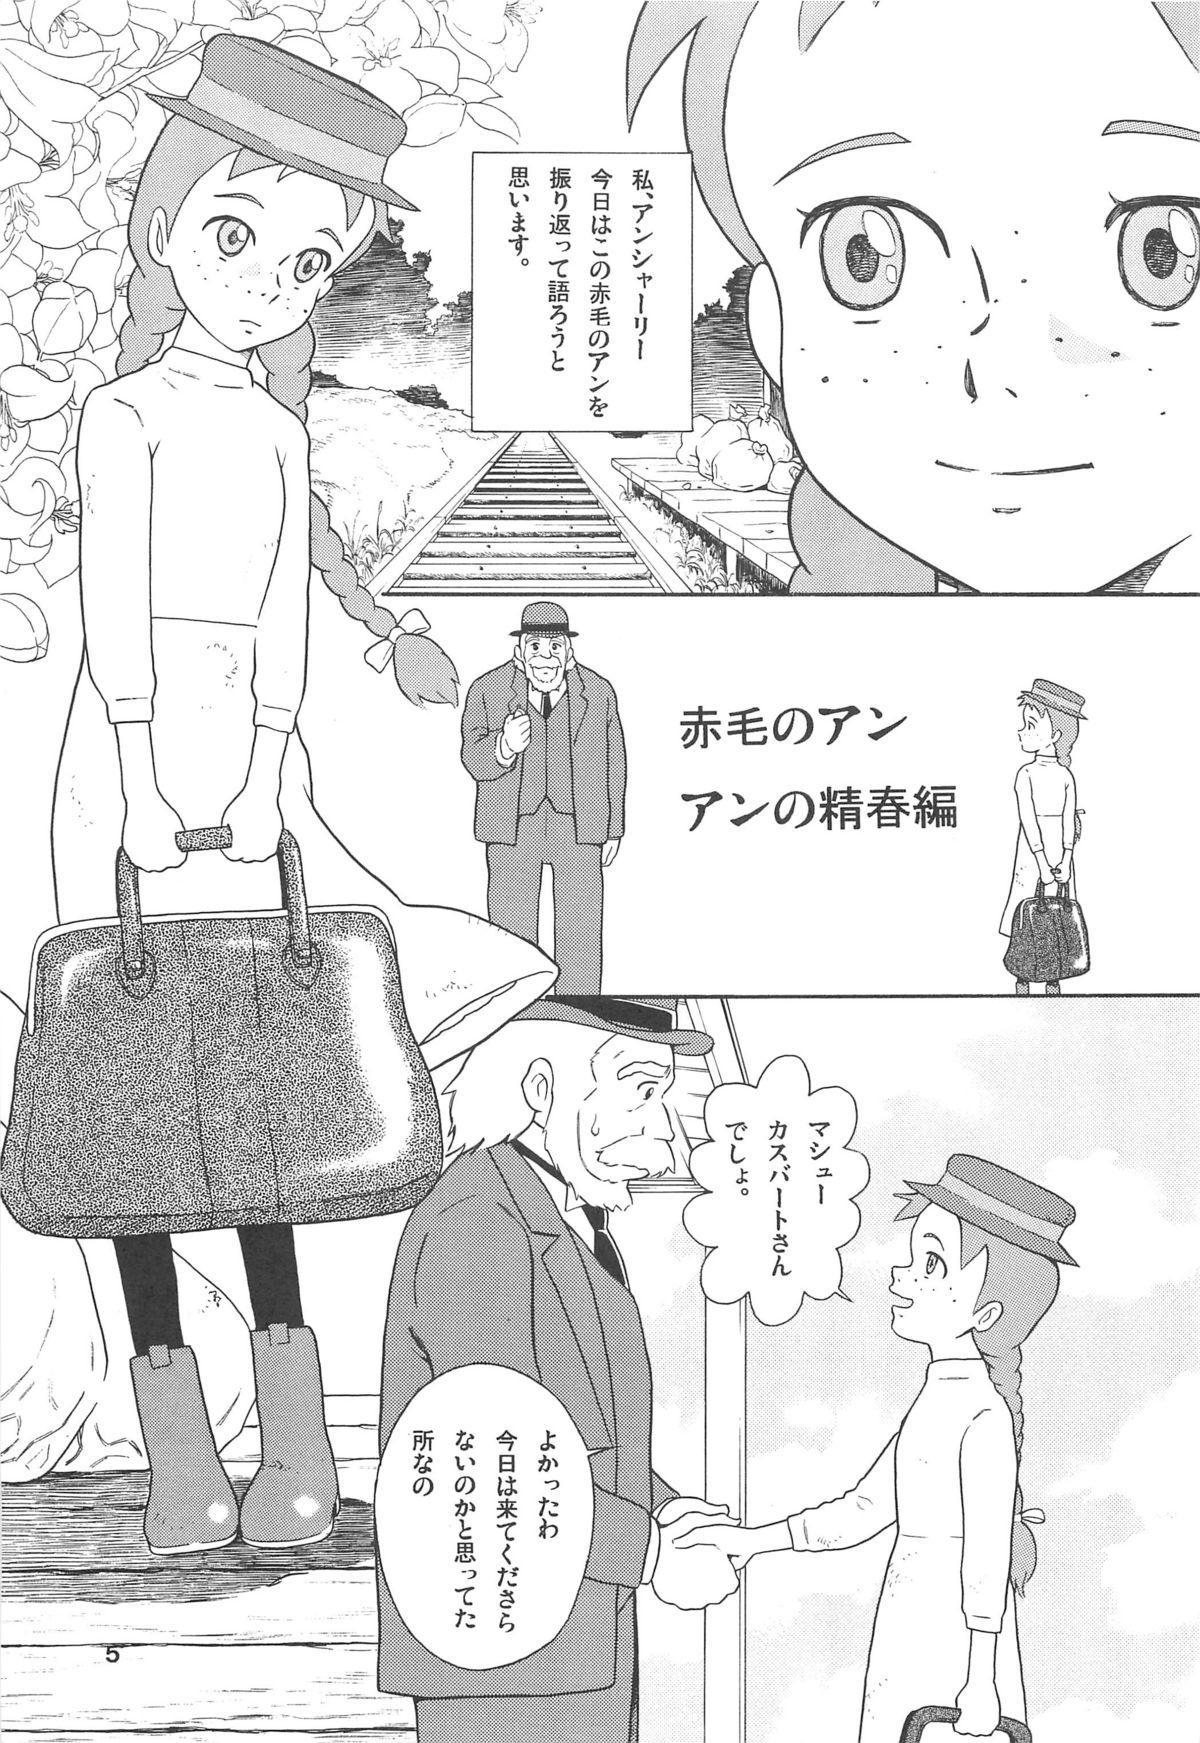 Hatch & Zukki no Sekai Meisaku Gekijou 4